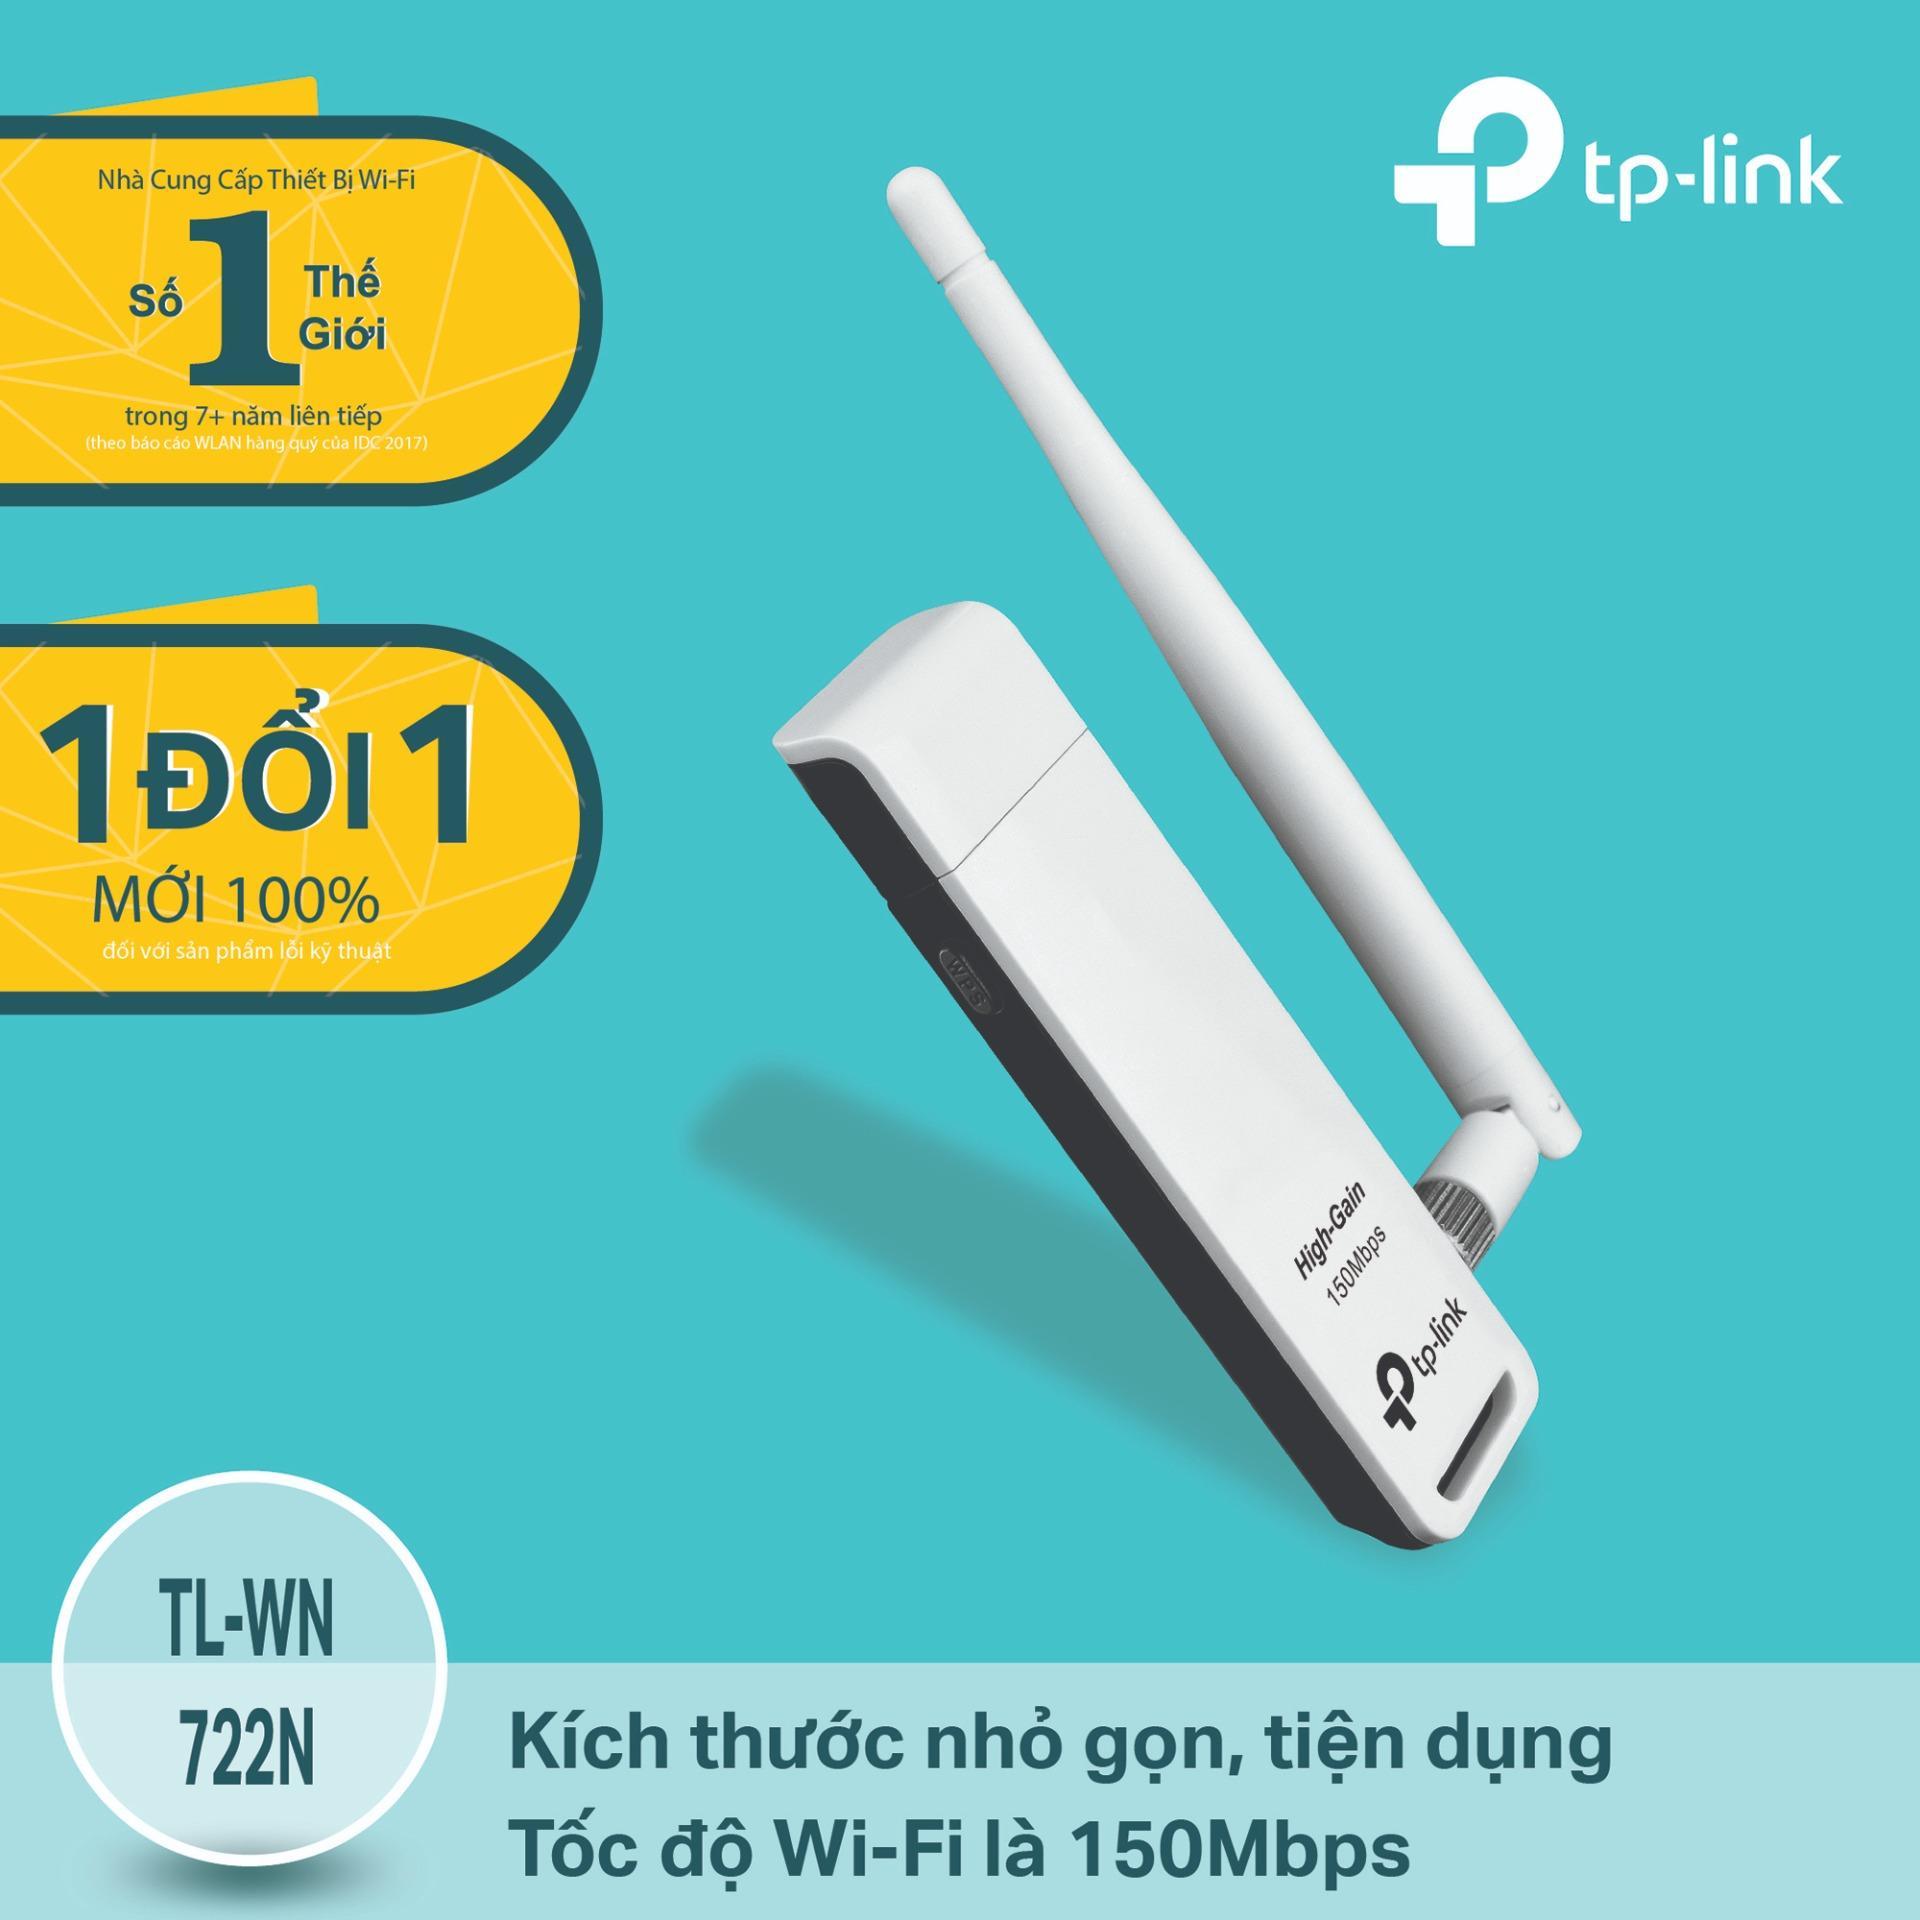 Mua Tp Link Tl Wn722N Usb Kết Nối Wi Fi Chuẩn N 150Mbps Độ Lợi Cao Hang Phan Phối Chinh Thức Tp Link Rẻ